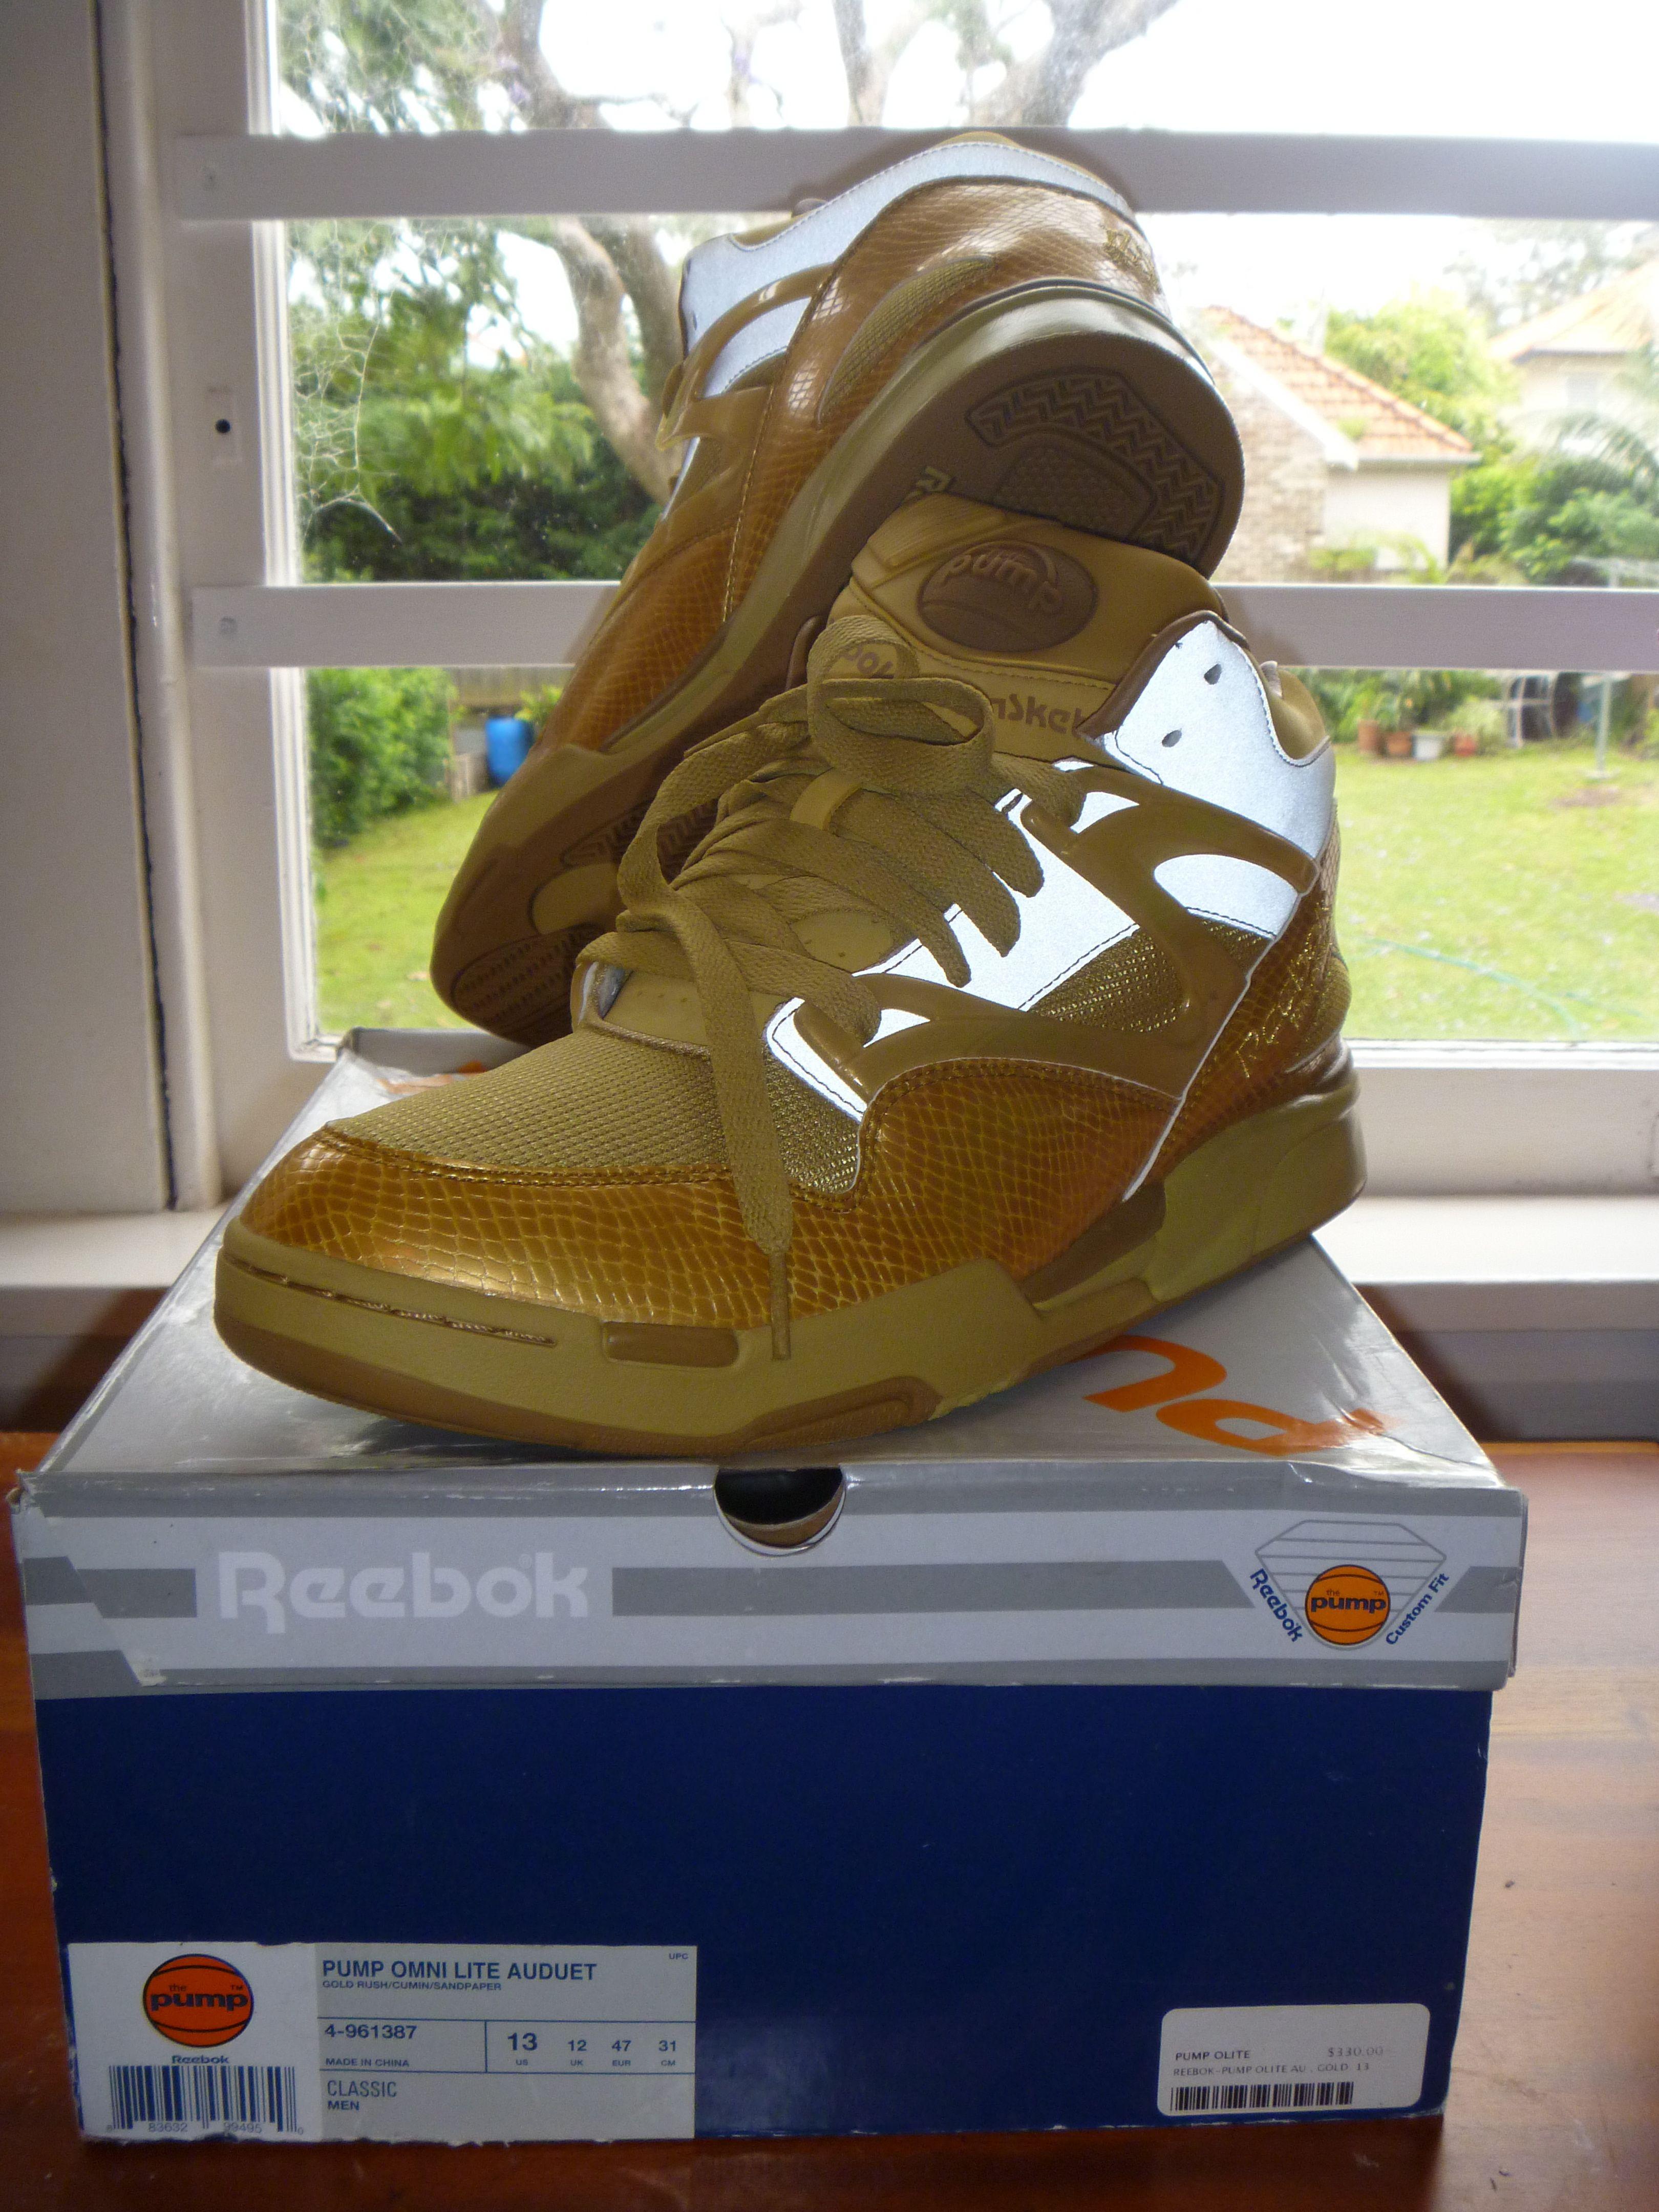 Reebok Pumps Size 13 - Gold 3M - $50